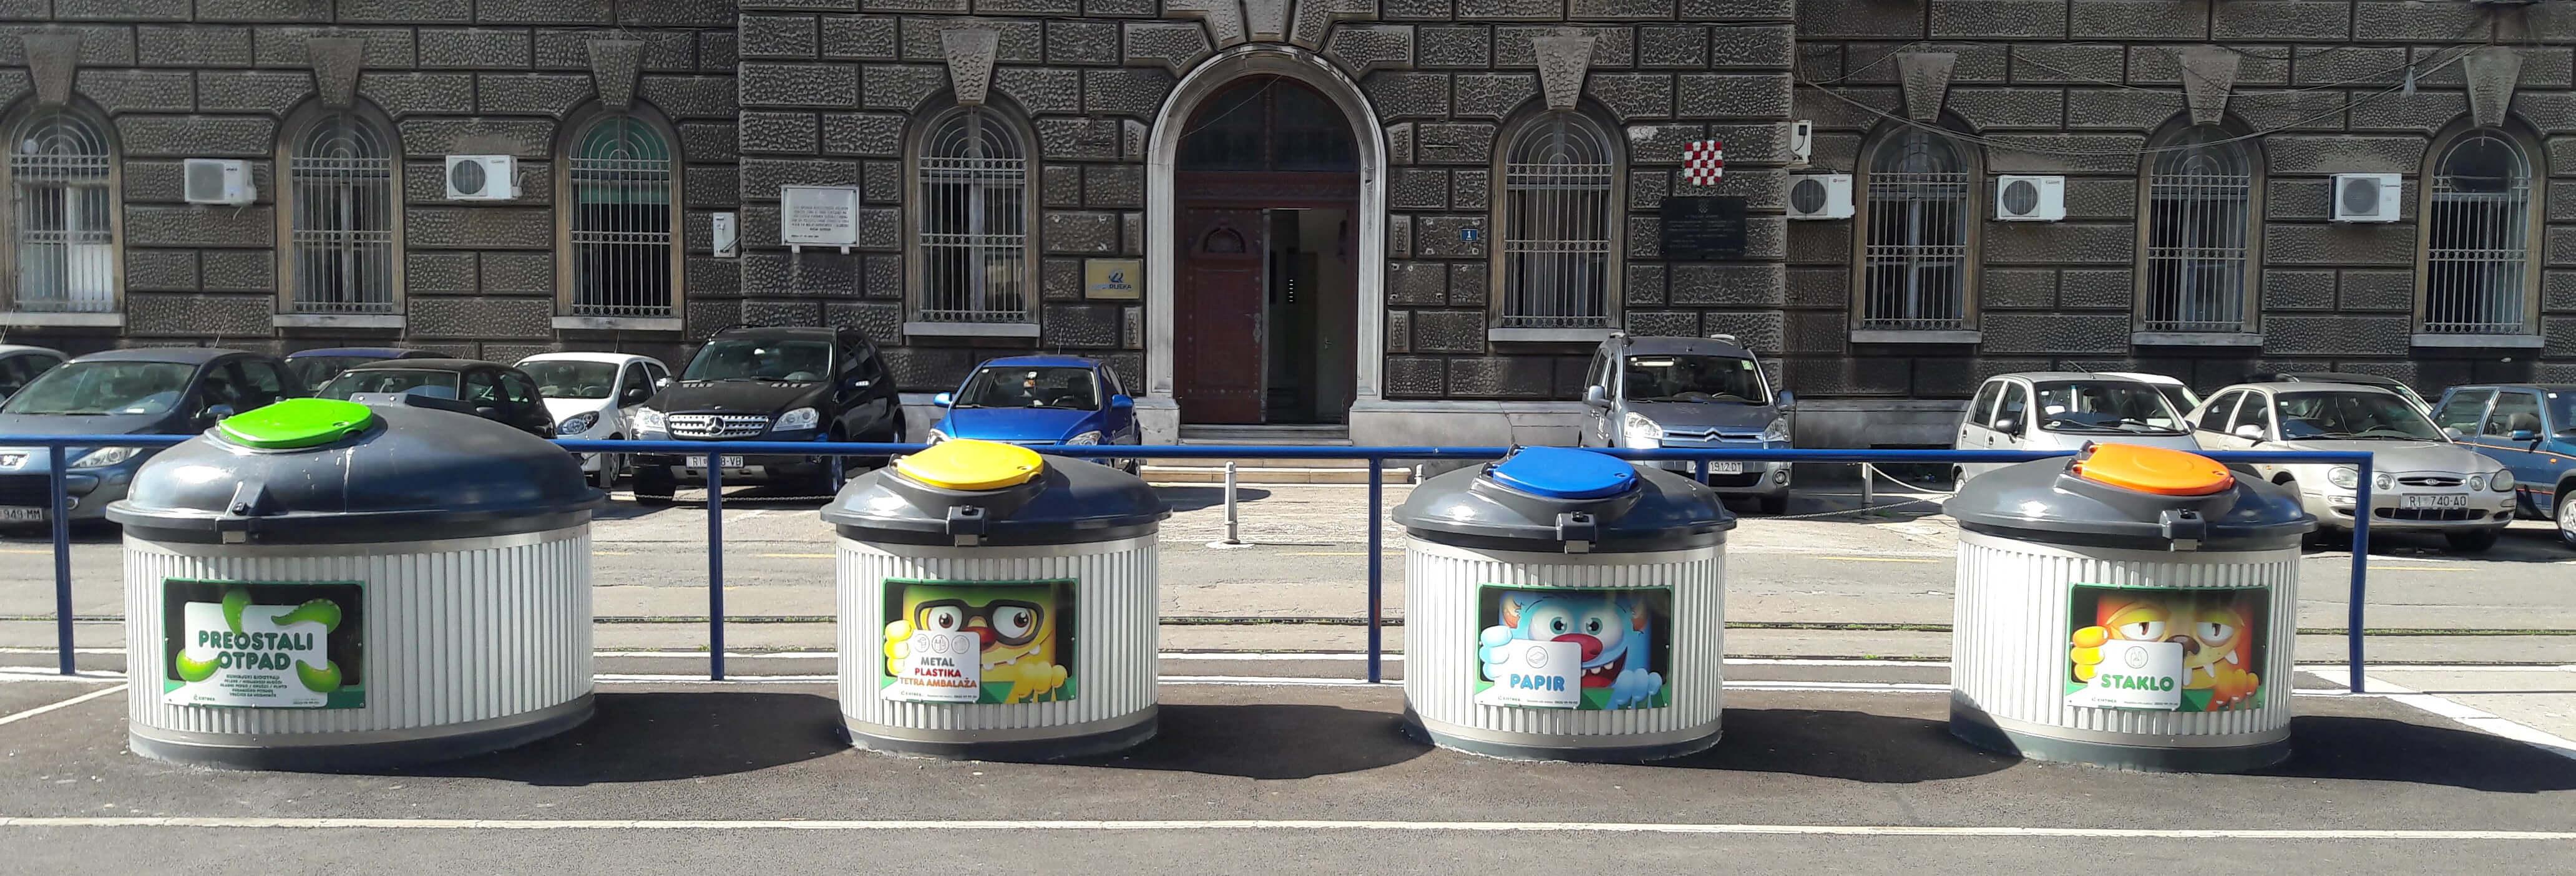 Sve veće količine otpada negativno utječu na okoliš i zahtijevaju povećanje svijesti o okolišu te brzo uvođenje promjena na području gospodarenja otpadom u zakonodavstvu ali i razvoju tehnoloških rješenja prihvatljivih za prirodu. Jedno od takvih rješenja zasigurno je implementacija polupodzemnih spremnika! Polupodzemni spremnici smanjuju broj odvoza otpada, racionaliziraju troškove, uklapaju se u okolinu, neutraliziraju neugodne mirise te omogućuju primjenu pametnih sustava praćenja popunjenosti spremnika. ECO DIP polupodzemni spremnici pravo su rješenje stoga javite se našem prodajnom timu za dodatne informacije i preporuku odgovarajućeg tipa spremnika